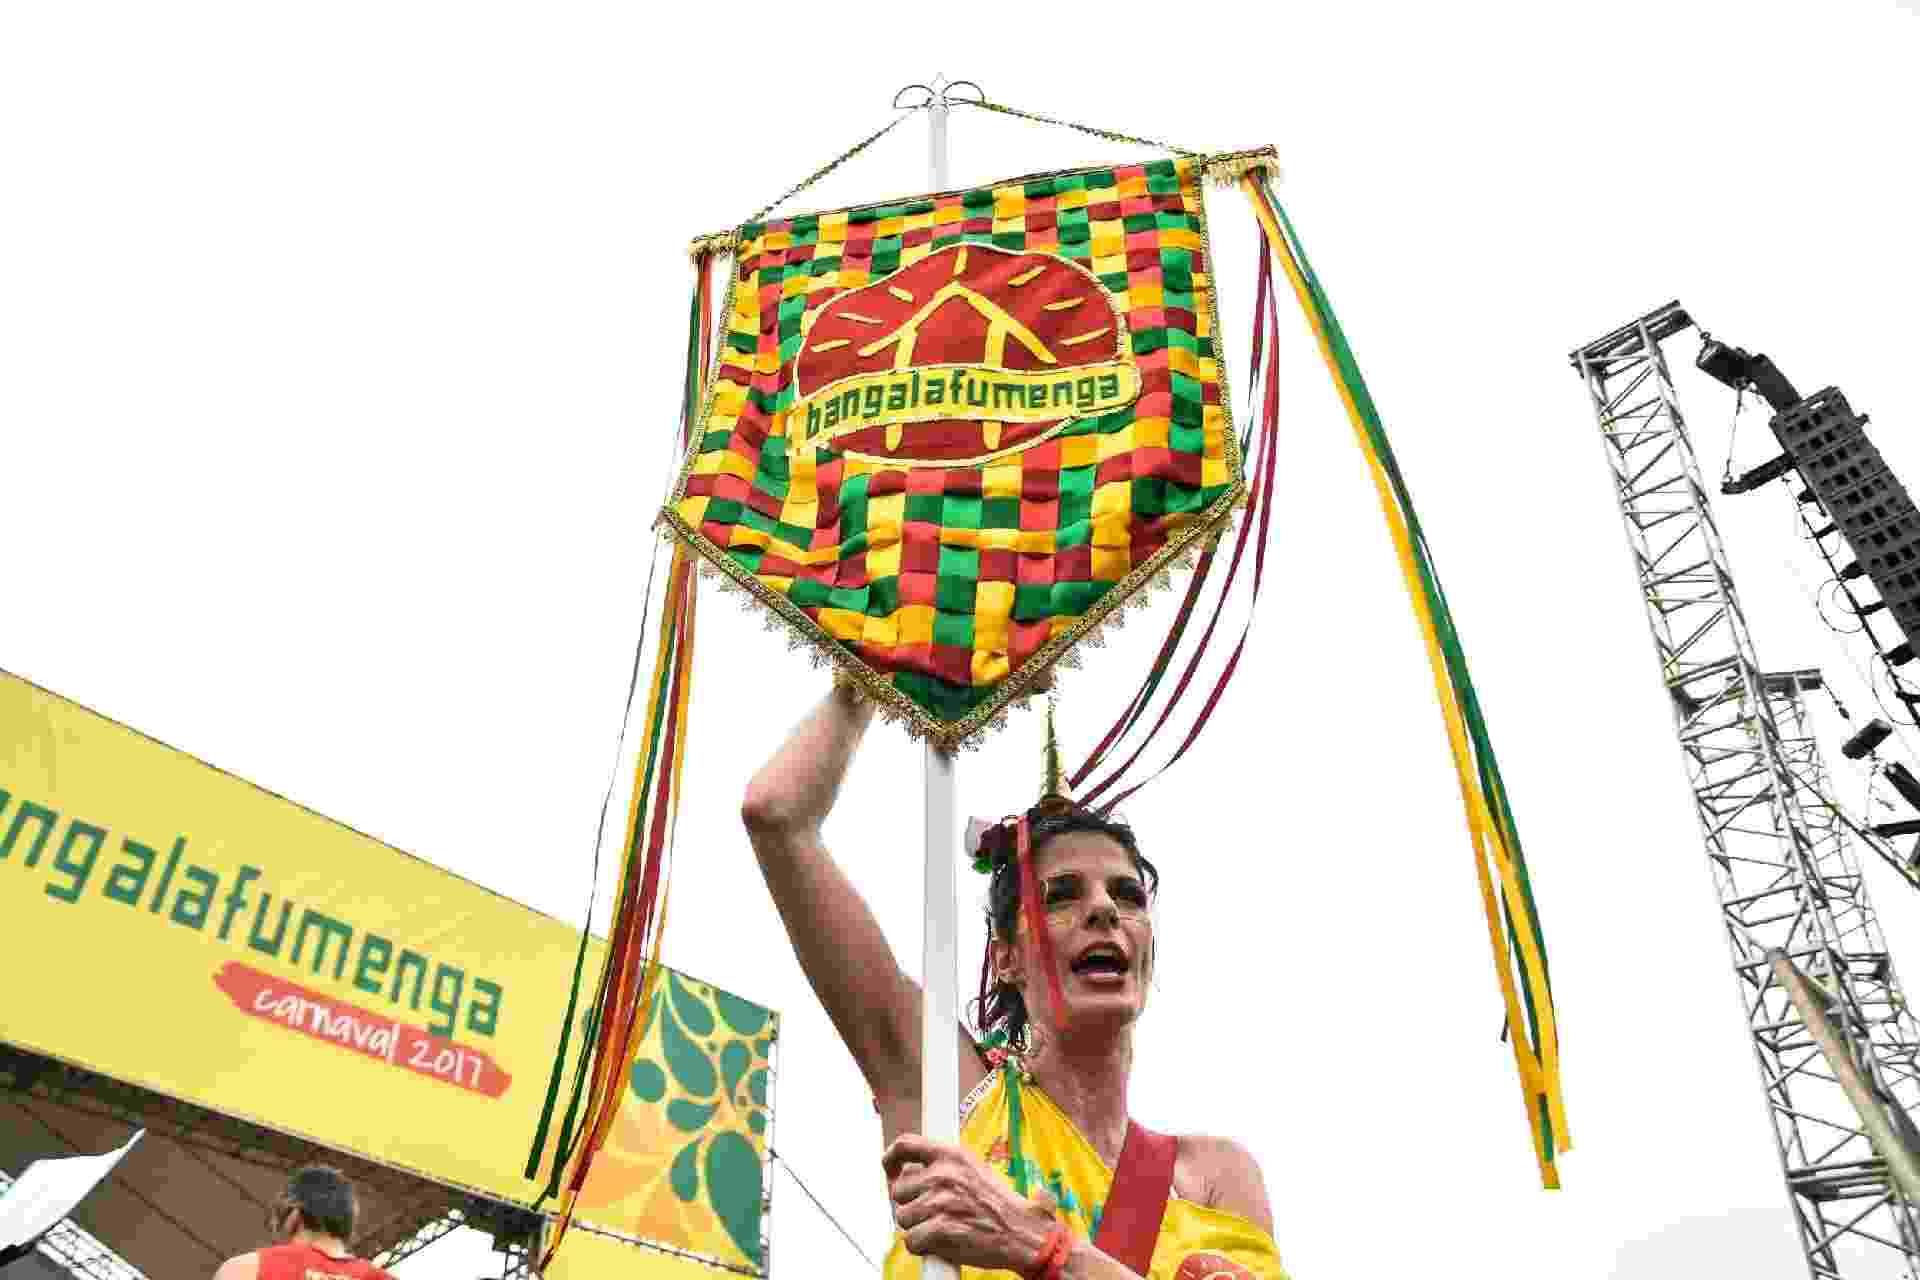 Milhares de foliões se divertem no Bloco Bangalafumenga no Aterro do Flamengo, zona sul do Rio de Janeiro, na manhã deste domingo (26) - Glaucon Fernandes/Eleven/Estadão Conteúdo